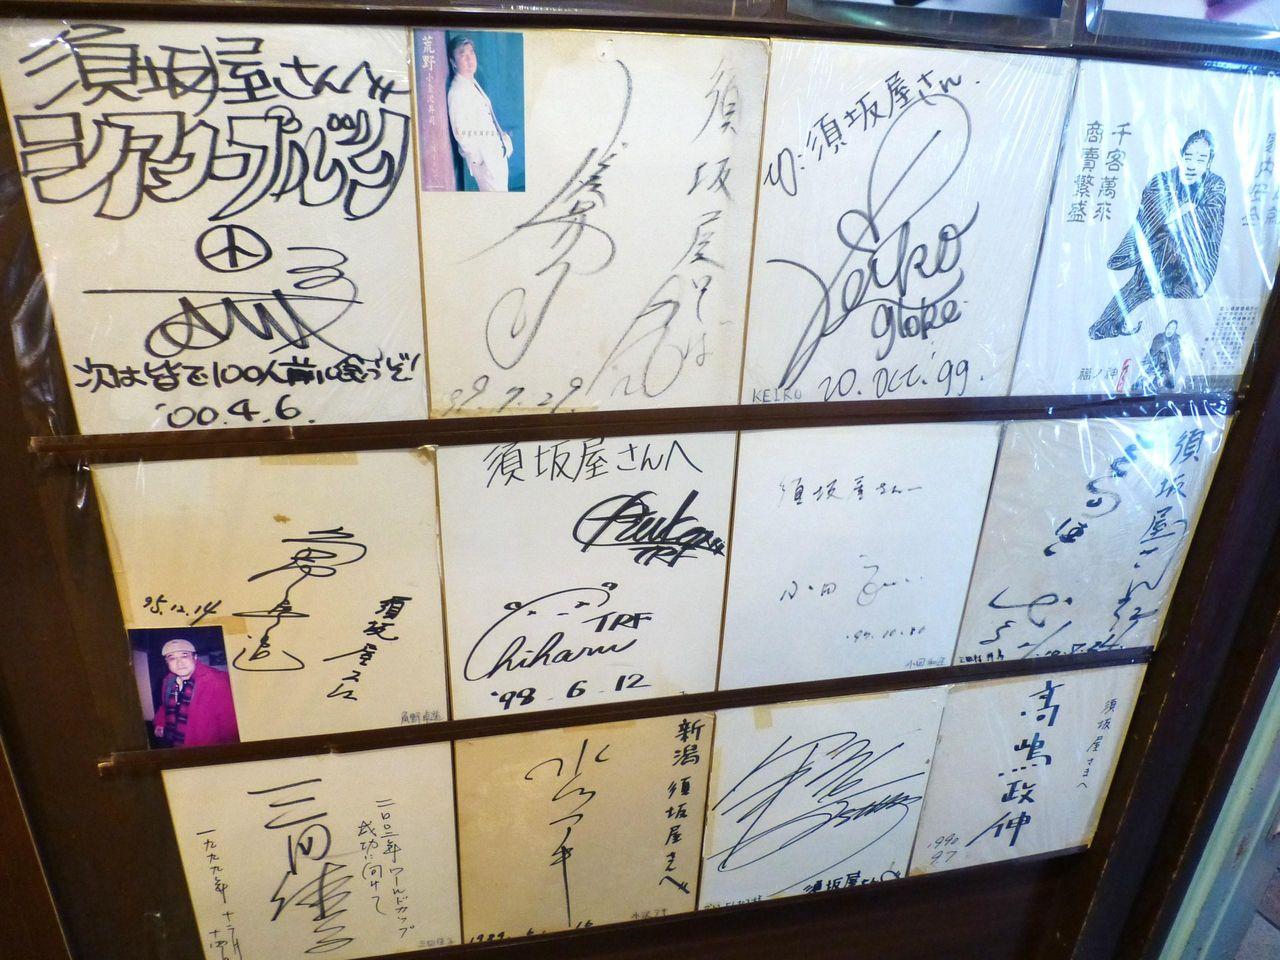 芸能人のサイン色紙が多数飾られています!